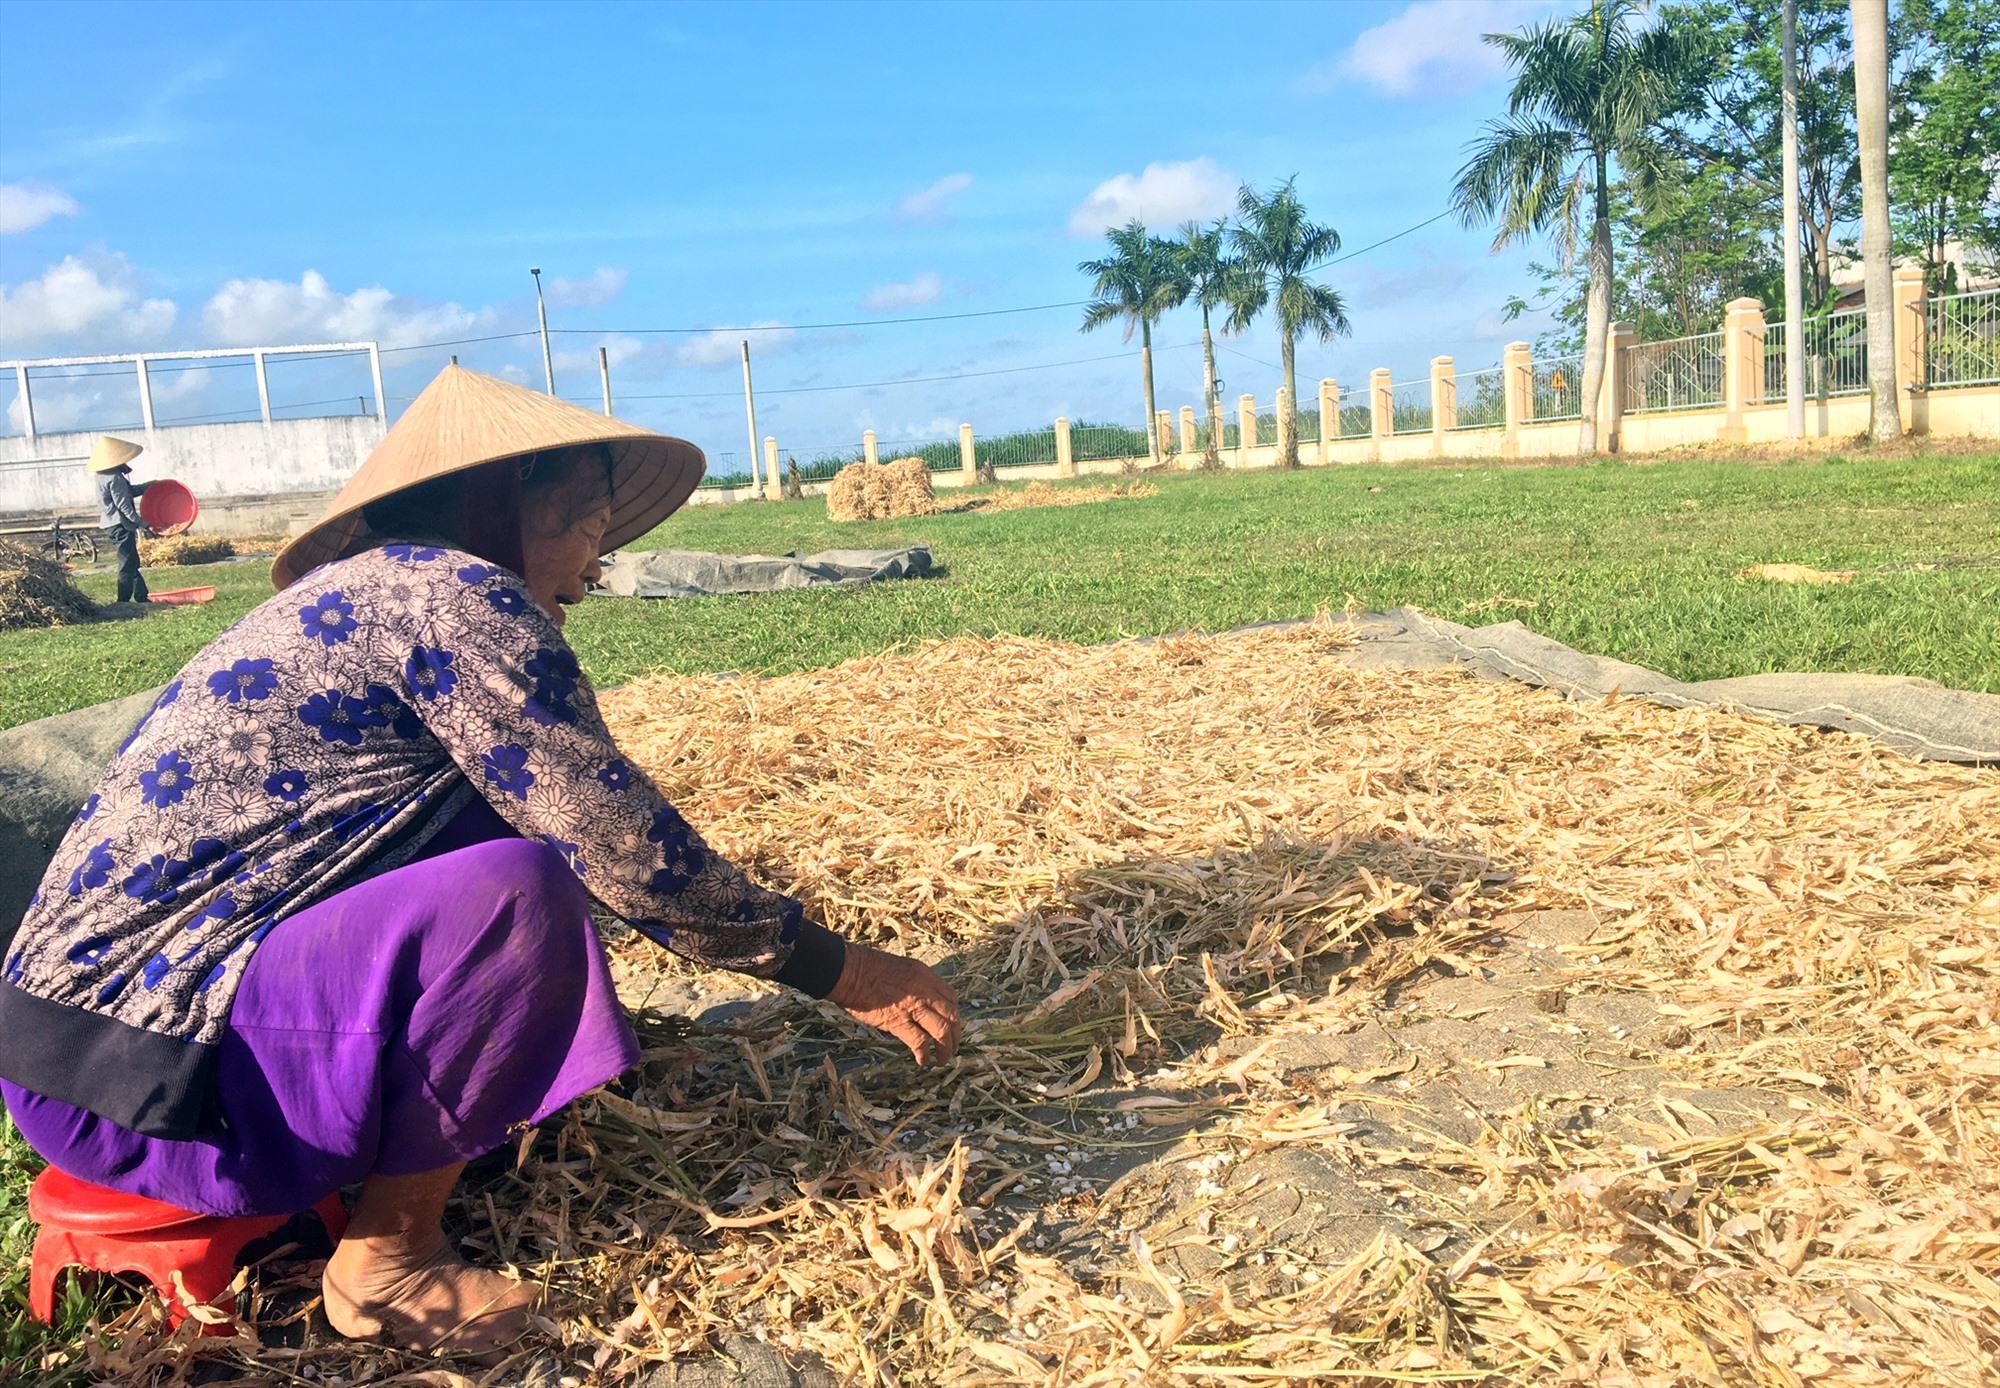 Nông dân xã Điện Quang phơi đậu cô ve sau khi thu hoạch. Ảnh: N.TRANG